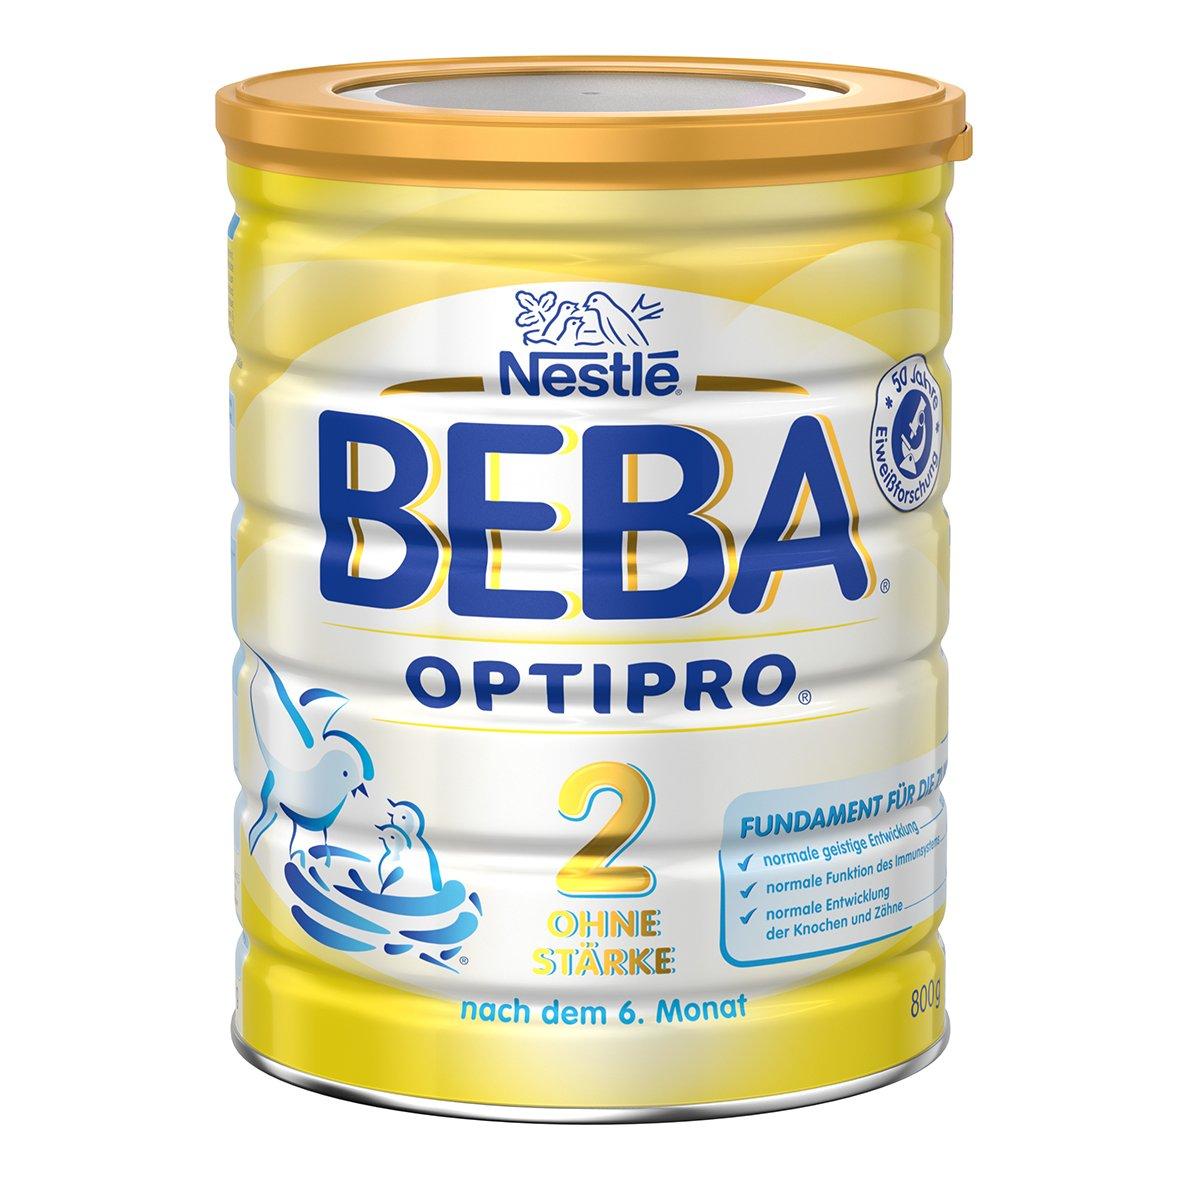 Nestlé BEBA OPTIPRO 2 ohne Stärke, Folgemilch nach dem 6. Monat, Baby-Nahrung als Pulver, im Anschluss ans Stillen, bei angemessener Beikost, 3er Pack (3 x 800 g Dose) Nestlé Nutrition GmbH 12340975